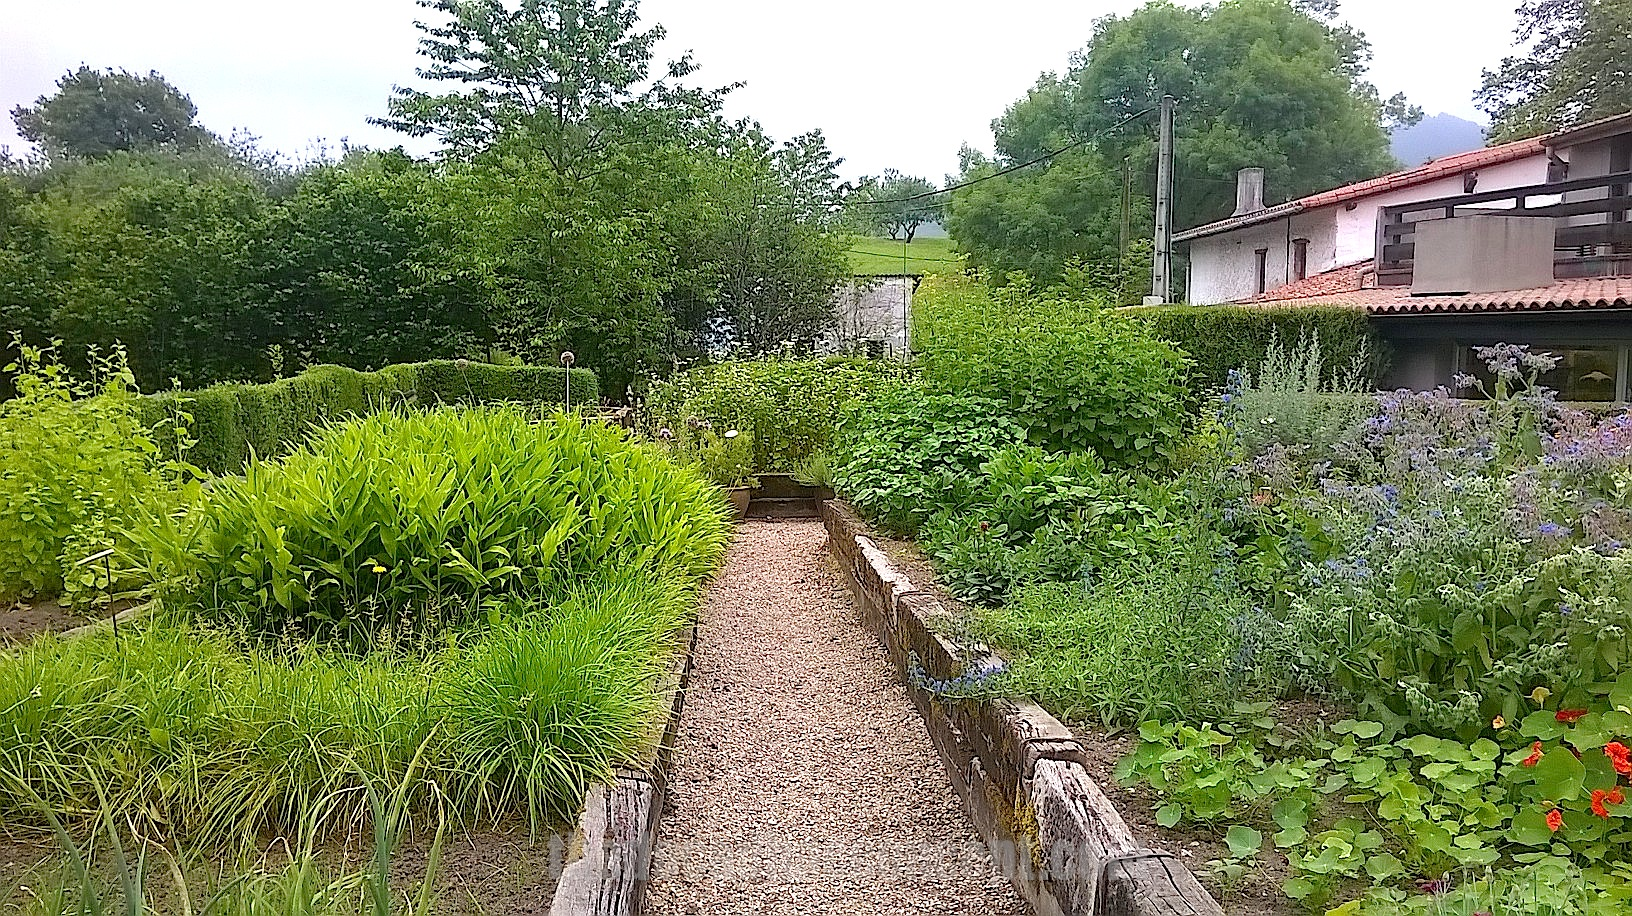 Mugaritz el jard n bot nico escondido en errenter a for El jardin escondido